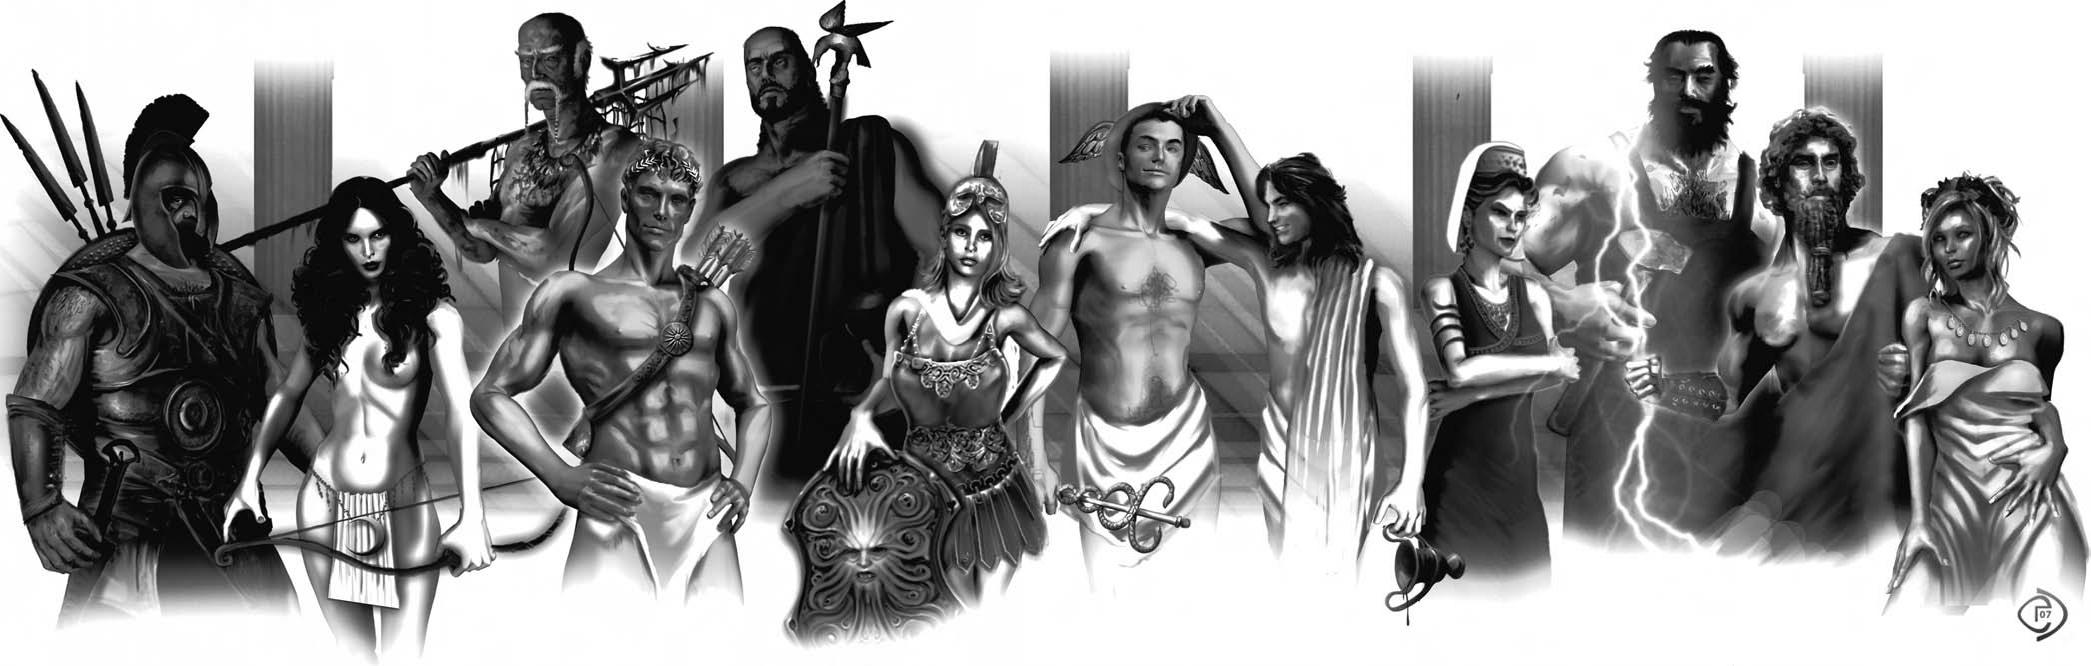 """olympians """"Dodekateon"""" da sinistra: Ares, Artemide, Poseidone, Apollo, Ade, Atena, Ermes, Dioniso, Era, Efesto, Zeus, Afrodite Scion - Hero (2007-04) © White Wolf Publishing"""